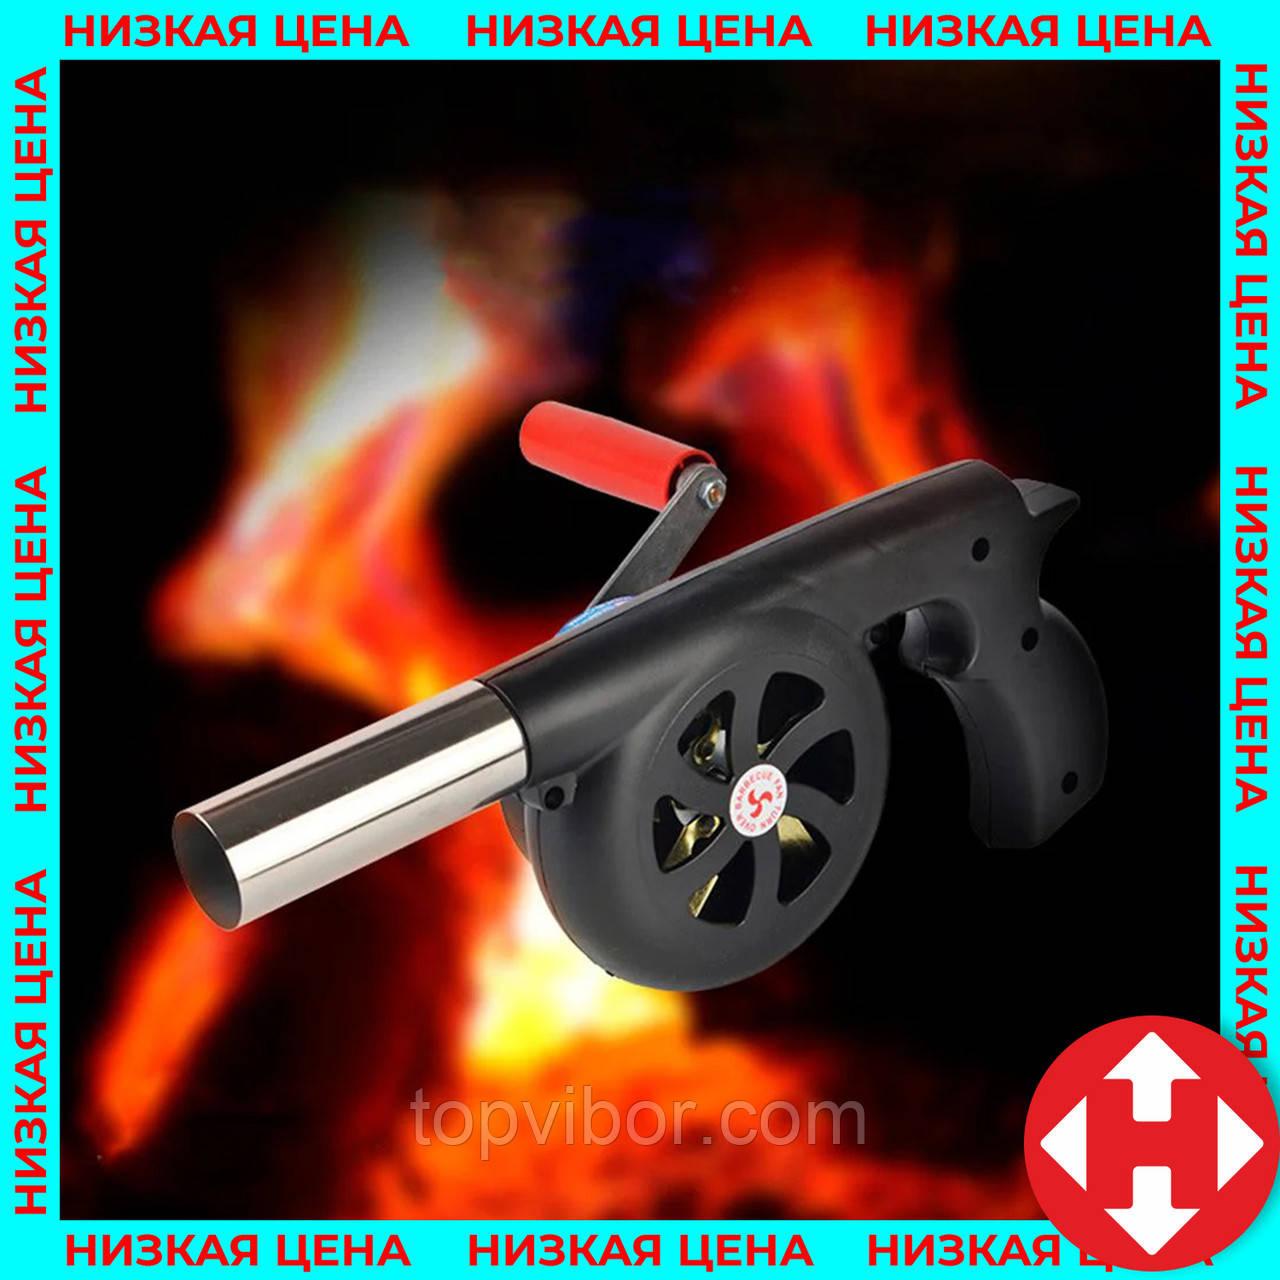 Раздуватель для углей, BBQ40W, вентилятор для розжига углей с доставкой по Киеву и Украине